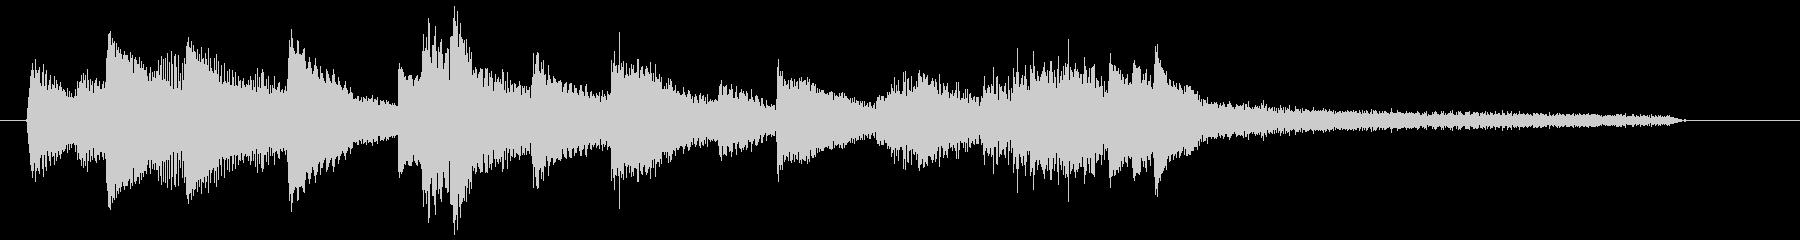 チャプター・場面転換等にピアノジングルOの未再生の波形